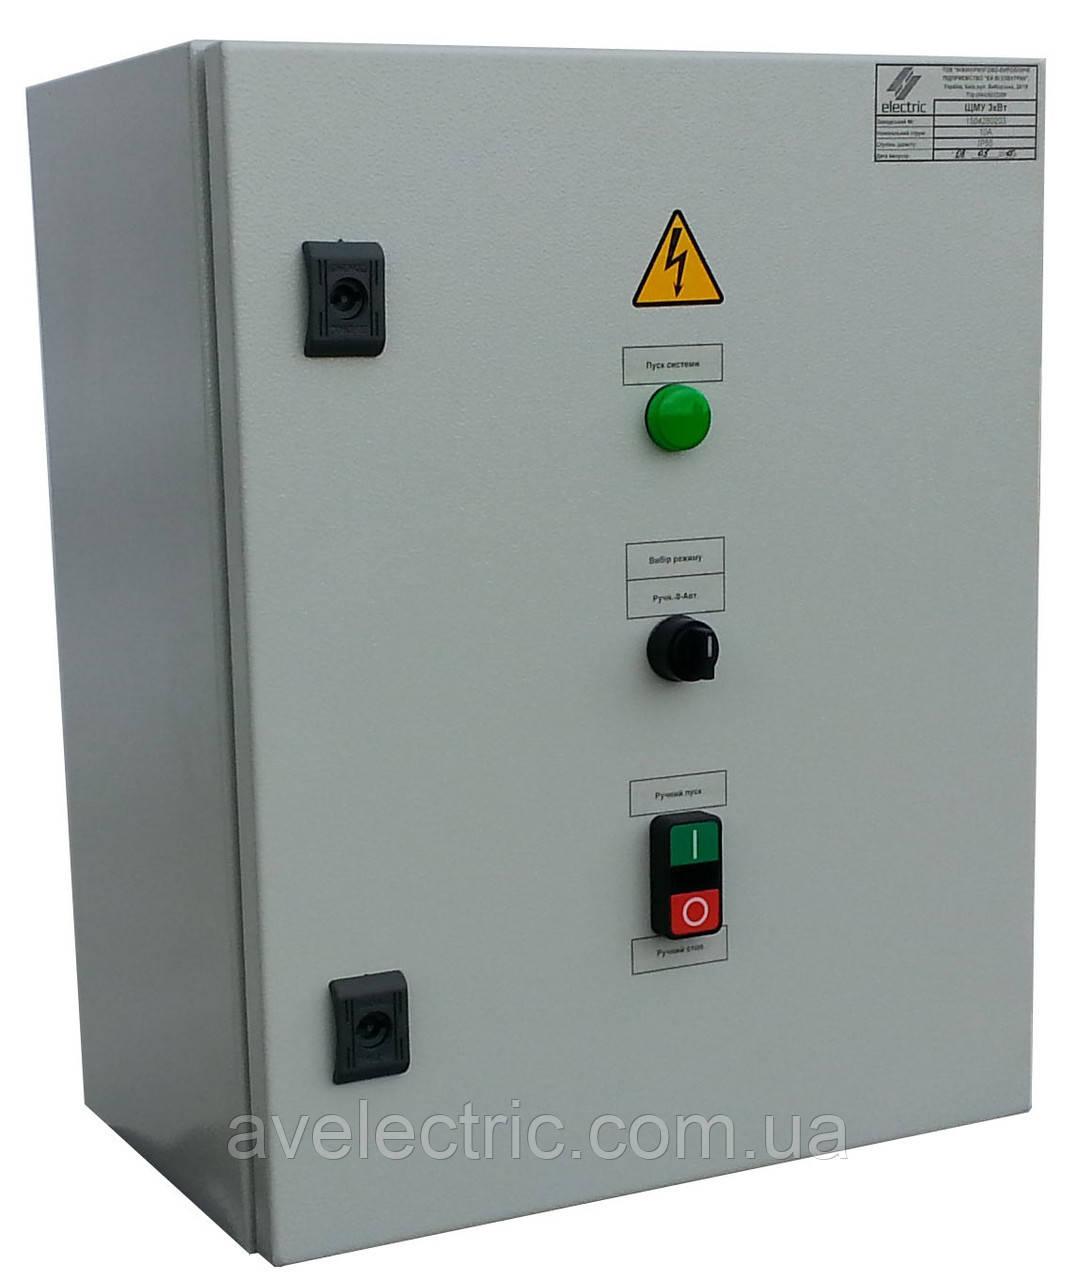 Ящик управления электродвигателем Я5110-2074-54У3